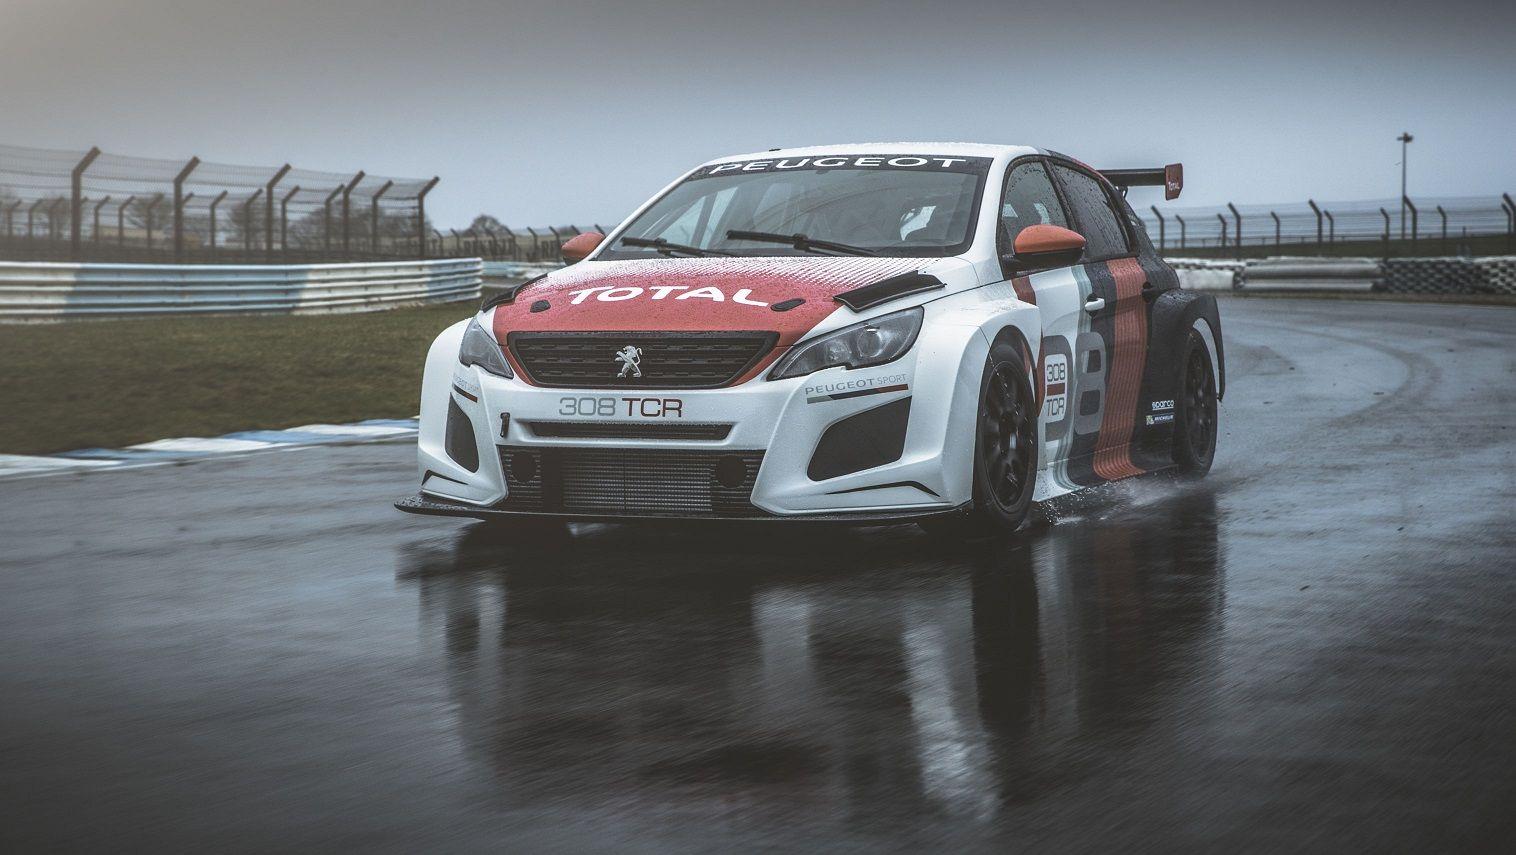 El Peugeot 308 TCR participará en el CER con los pilotos Gonzalo de Andrés y Enrique Hernando